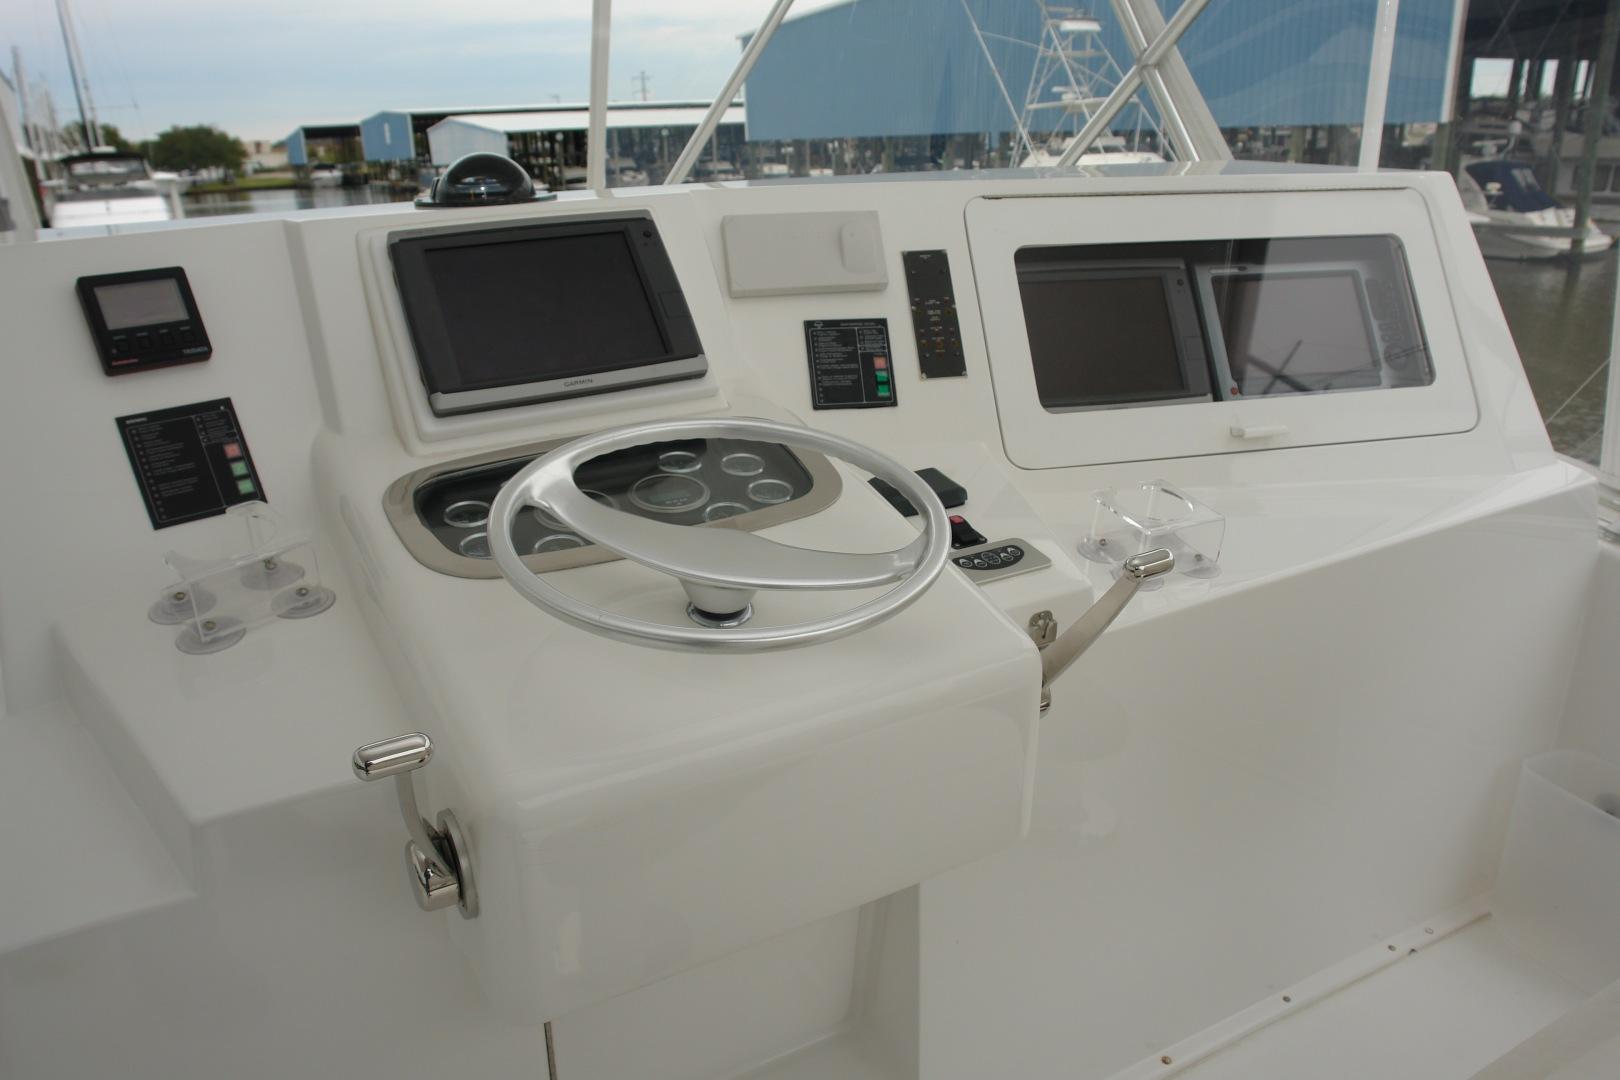 Viking-50 Convertible 2000-Knotcho Grande Seabrook-Texas-United States-Viking Convertible 2000 Knotcho Grande-1266612   Thumbnail